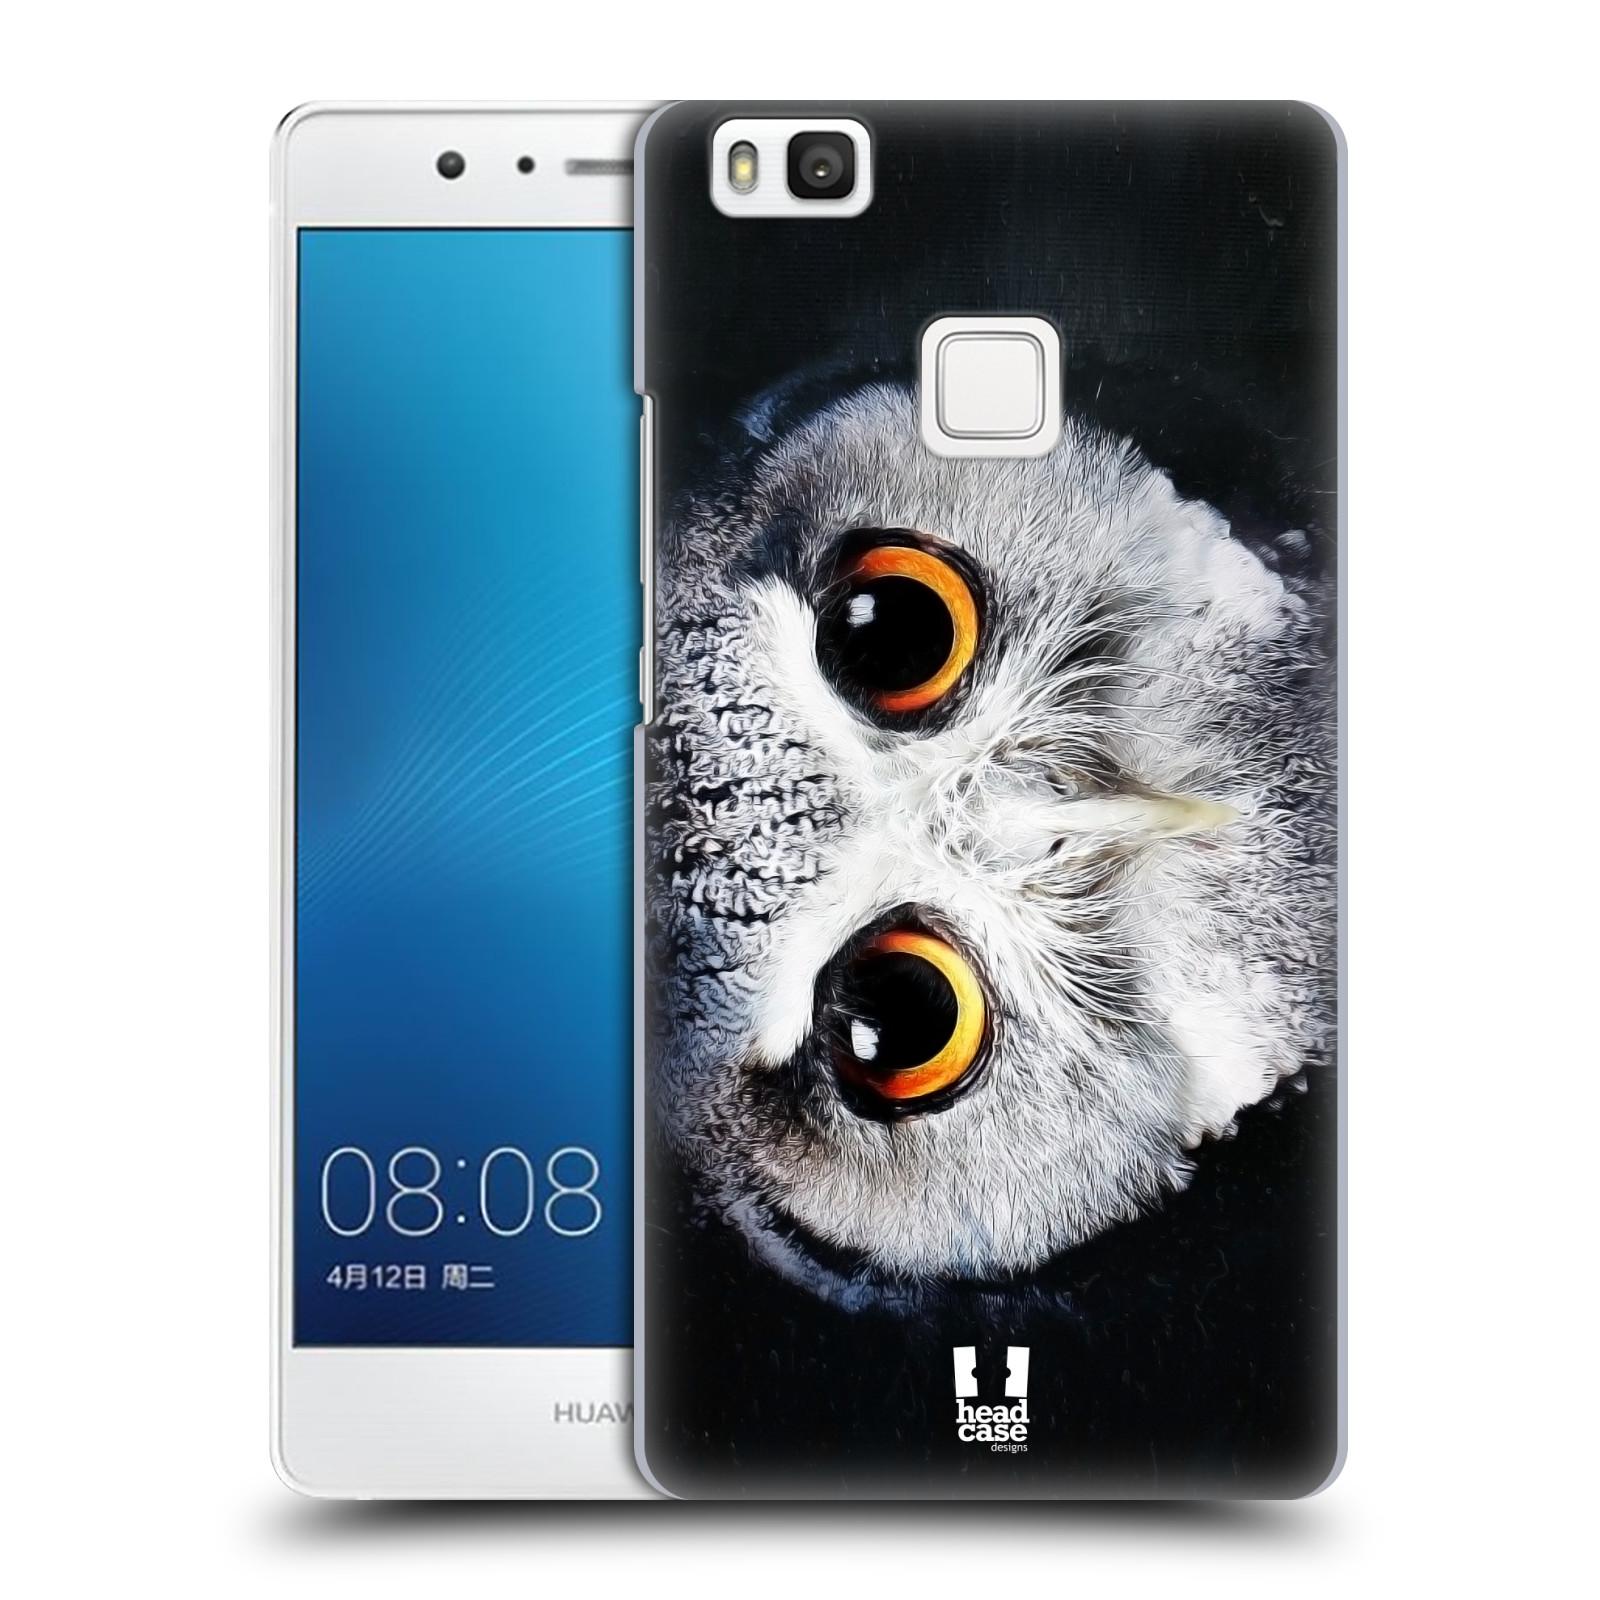 HEAD CASE plastový obal na mobil Huawei P9 LITE / P9 LITE DUAL SIM vzor Zvířecí tváře sova